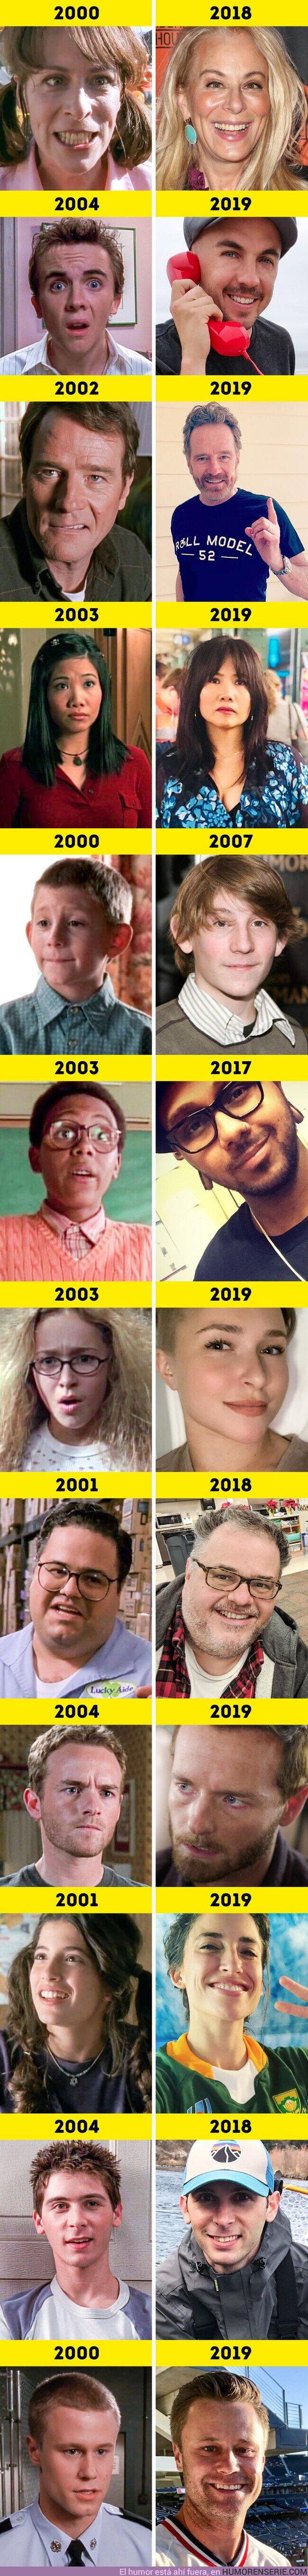 80273 - GALERÍA: Te mostramos cómo se ven los personajes de Malcolm 20 años después